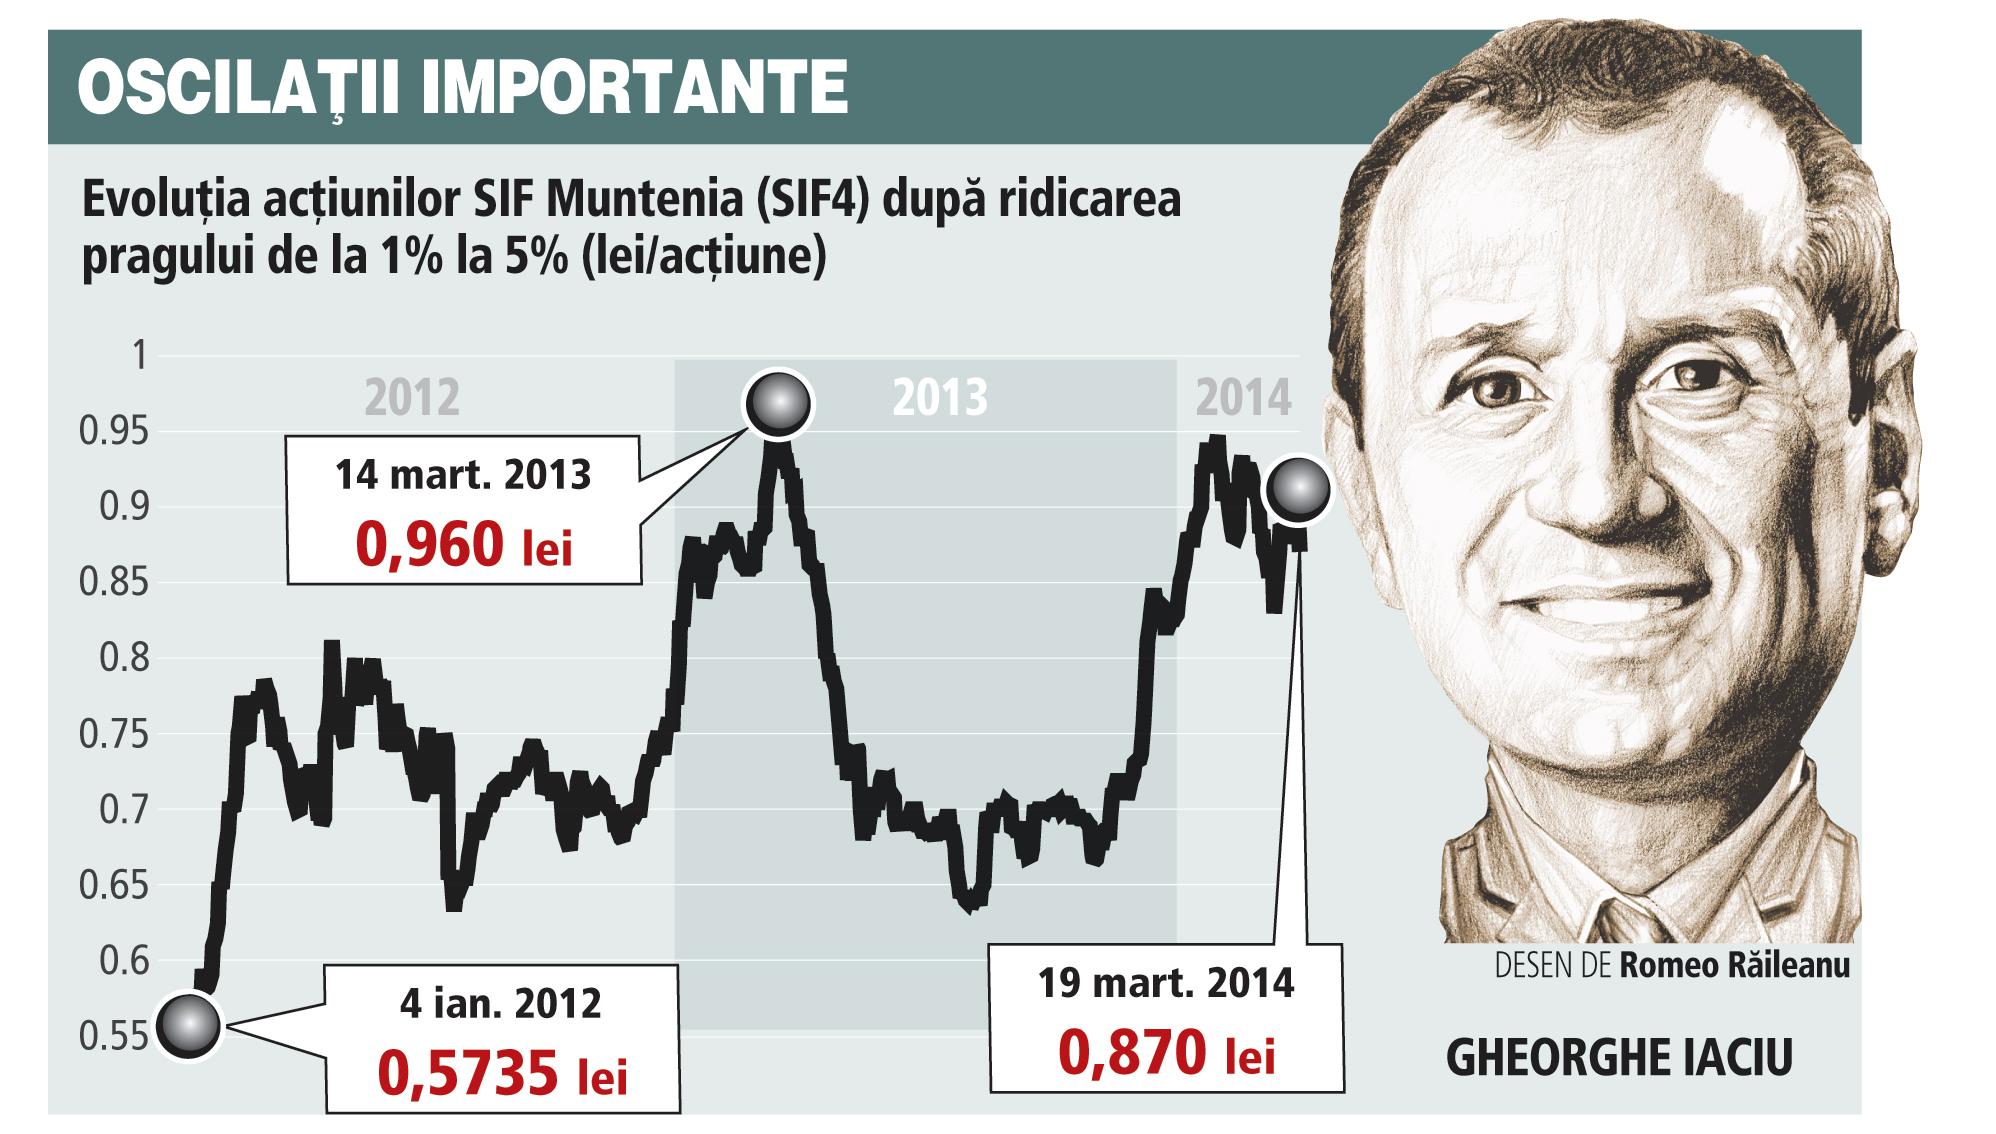 Iaciu şi Andrici au ieşit de la SIF Muntenia cu profit de 90% după doi ani